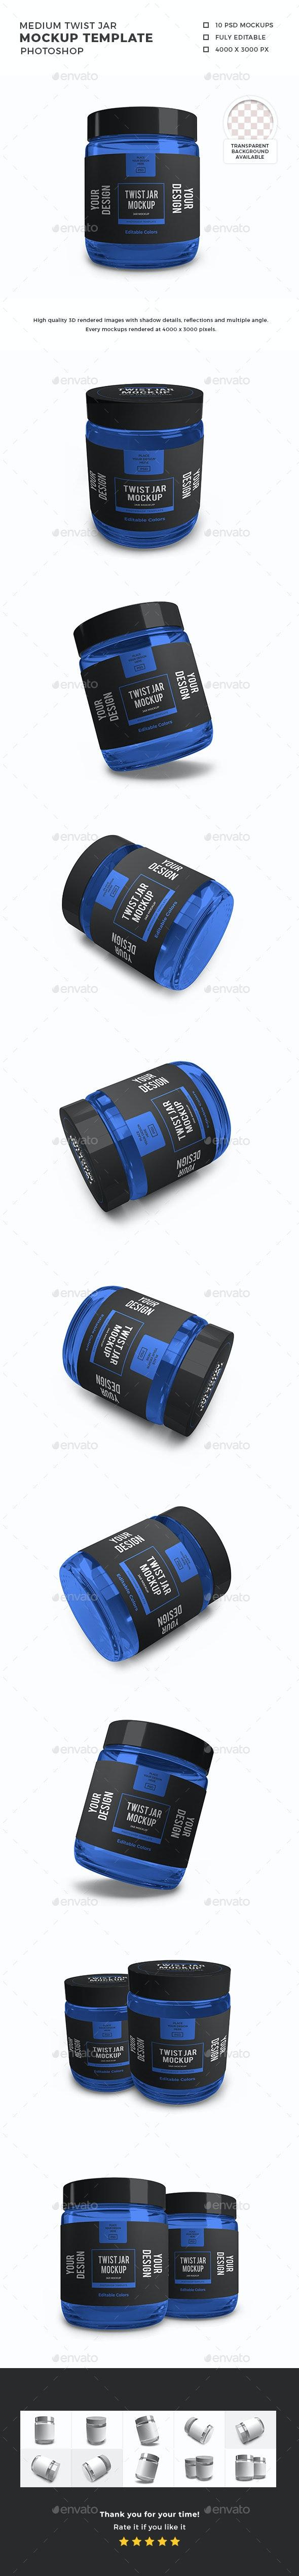 Medium Twist Jar Packaging Mockup Template Set - Packaging Product Mock-Ups